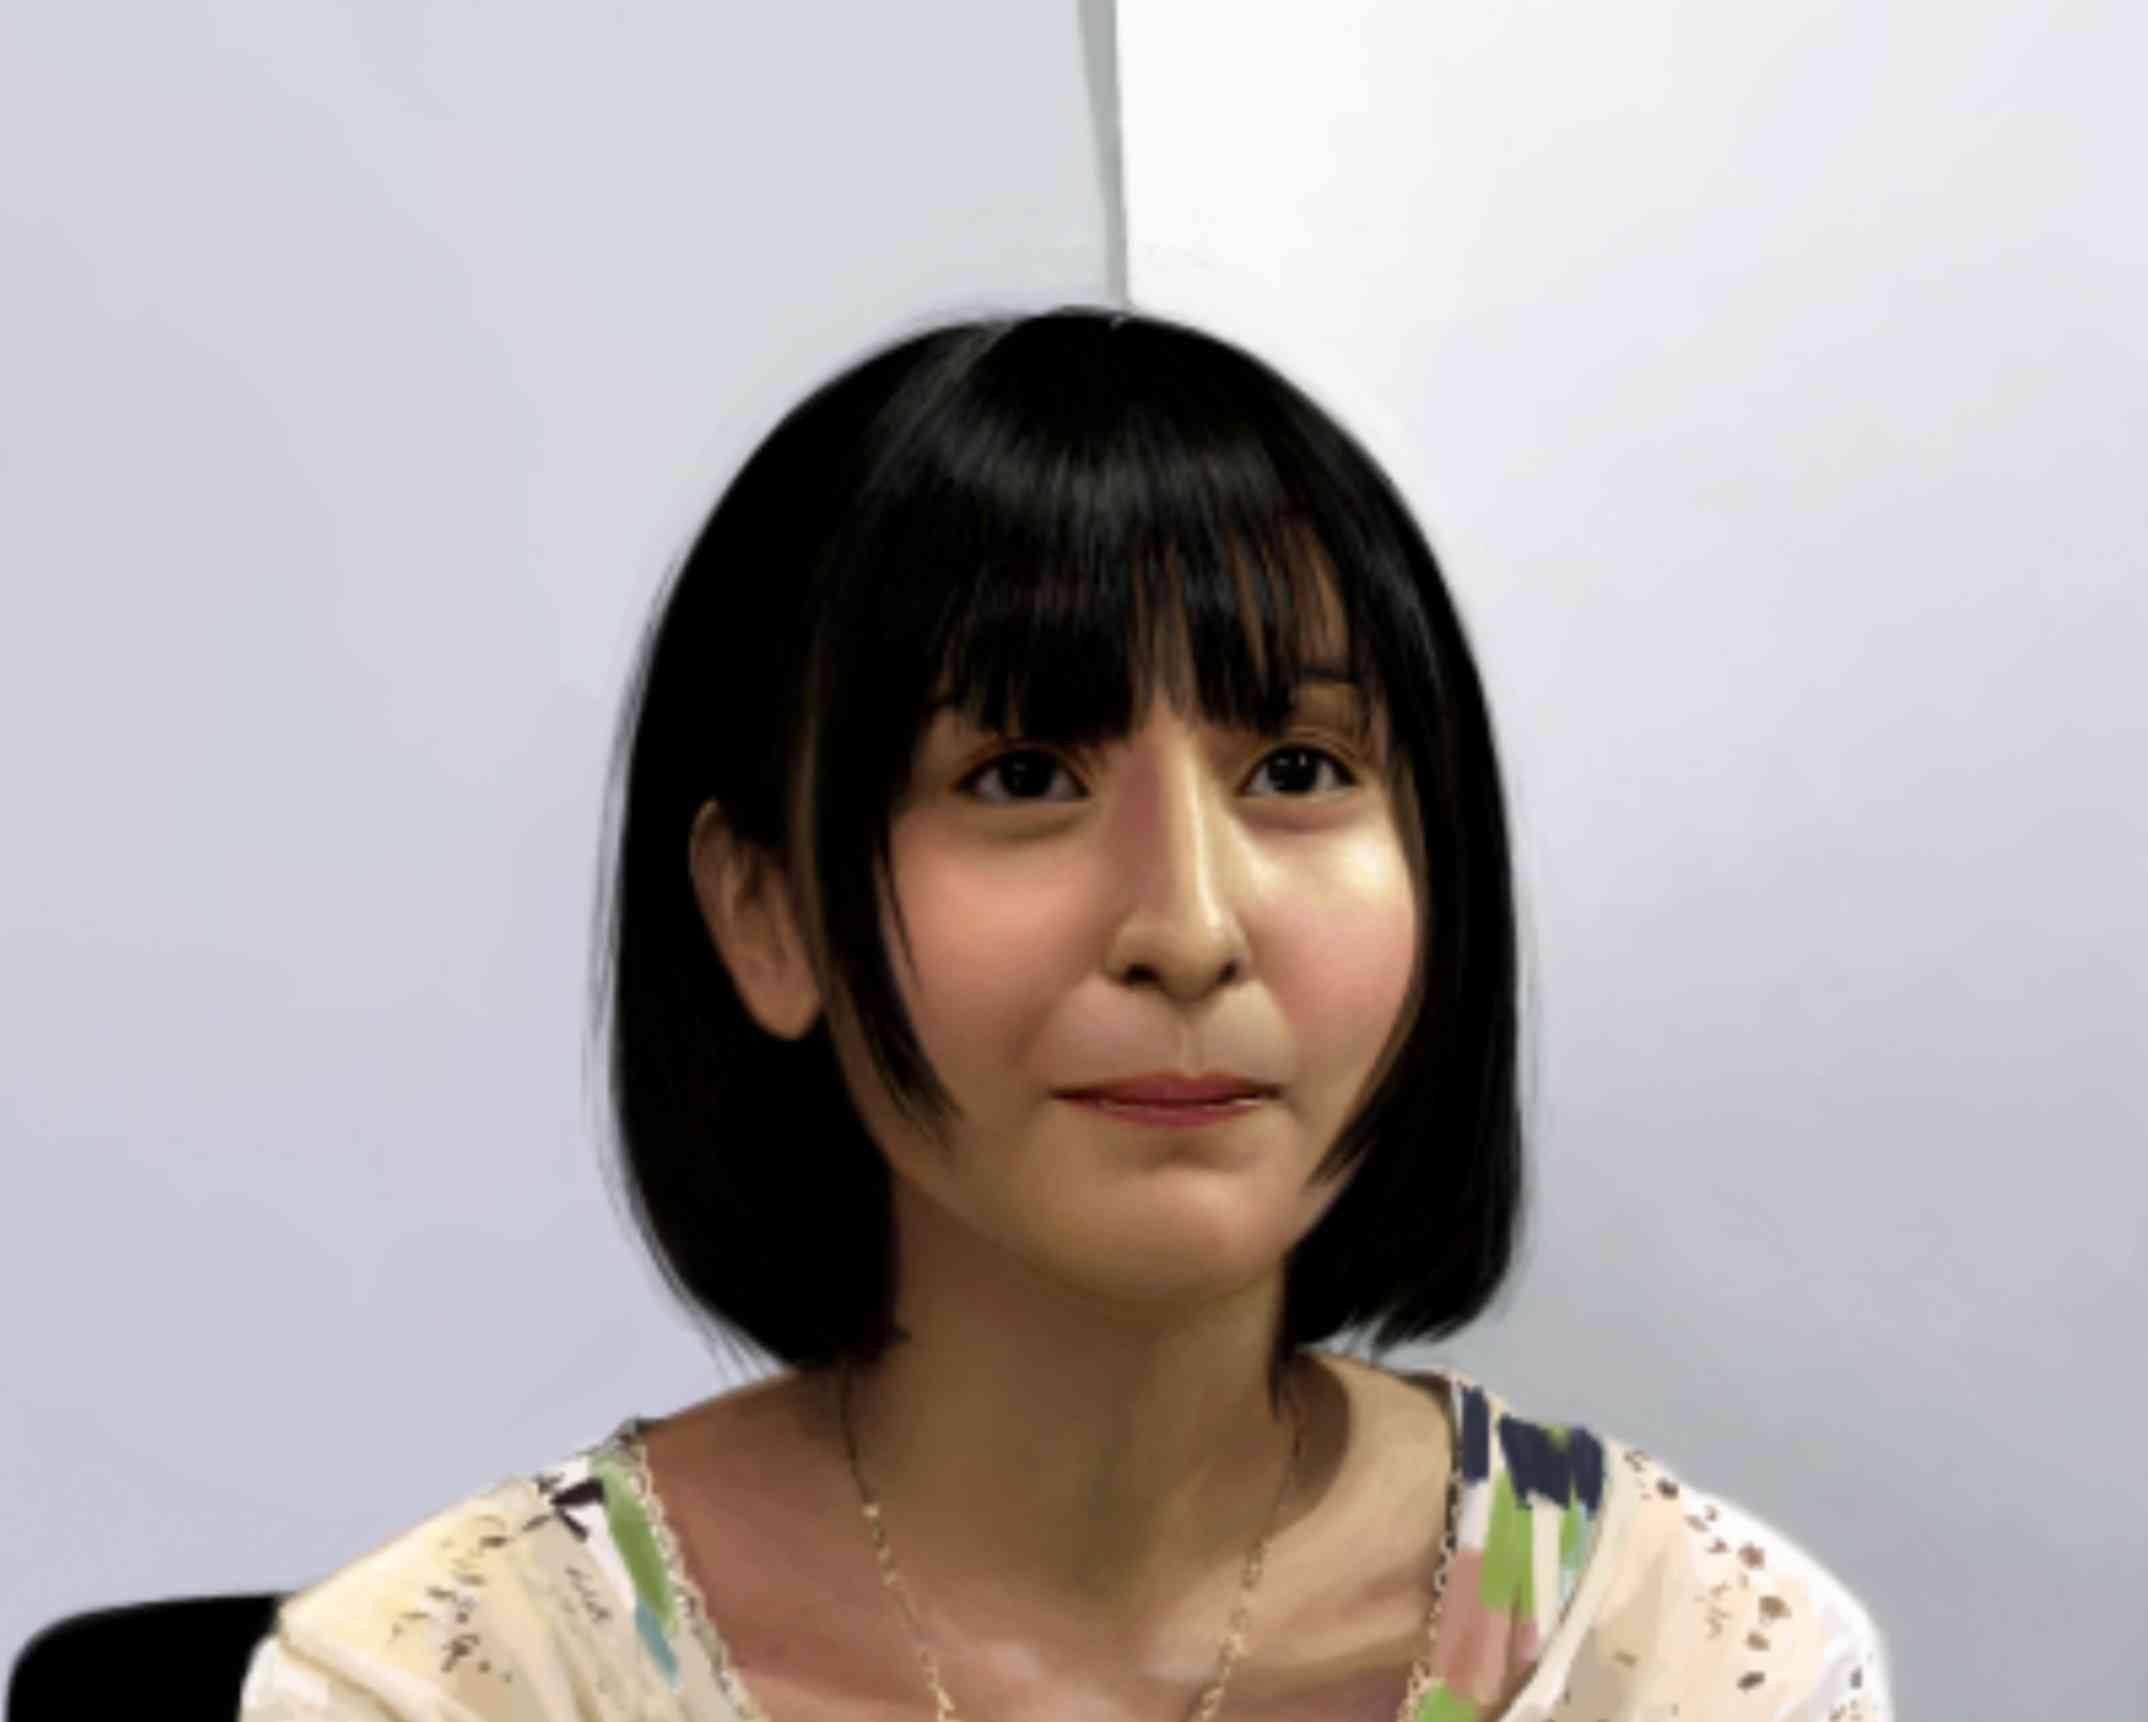 人気声優・佐倉綾音が怒りあらわに 「勝手にブランド特定して叩くネットのやつら」